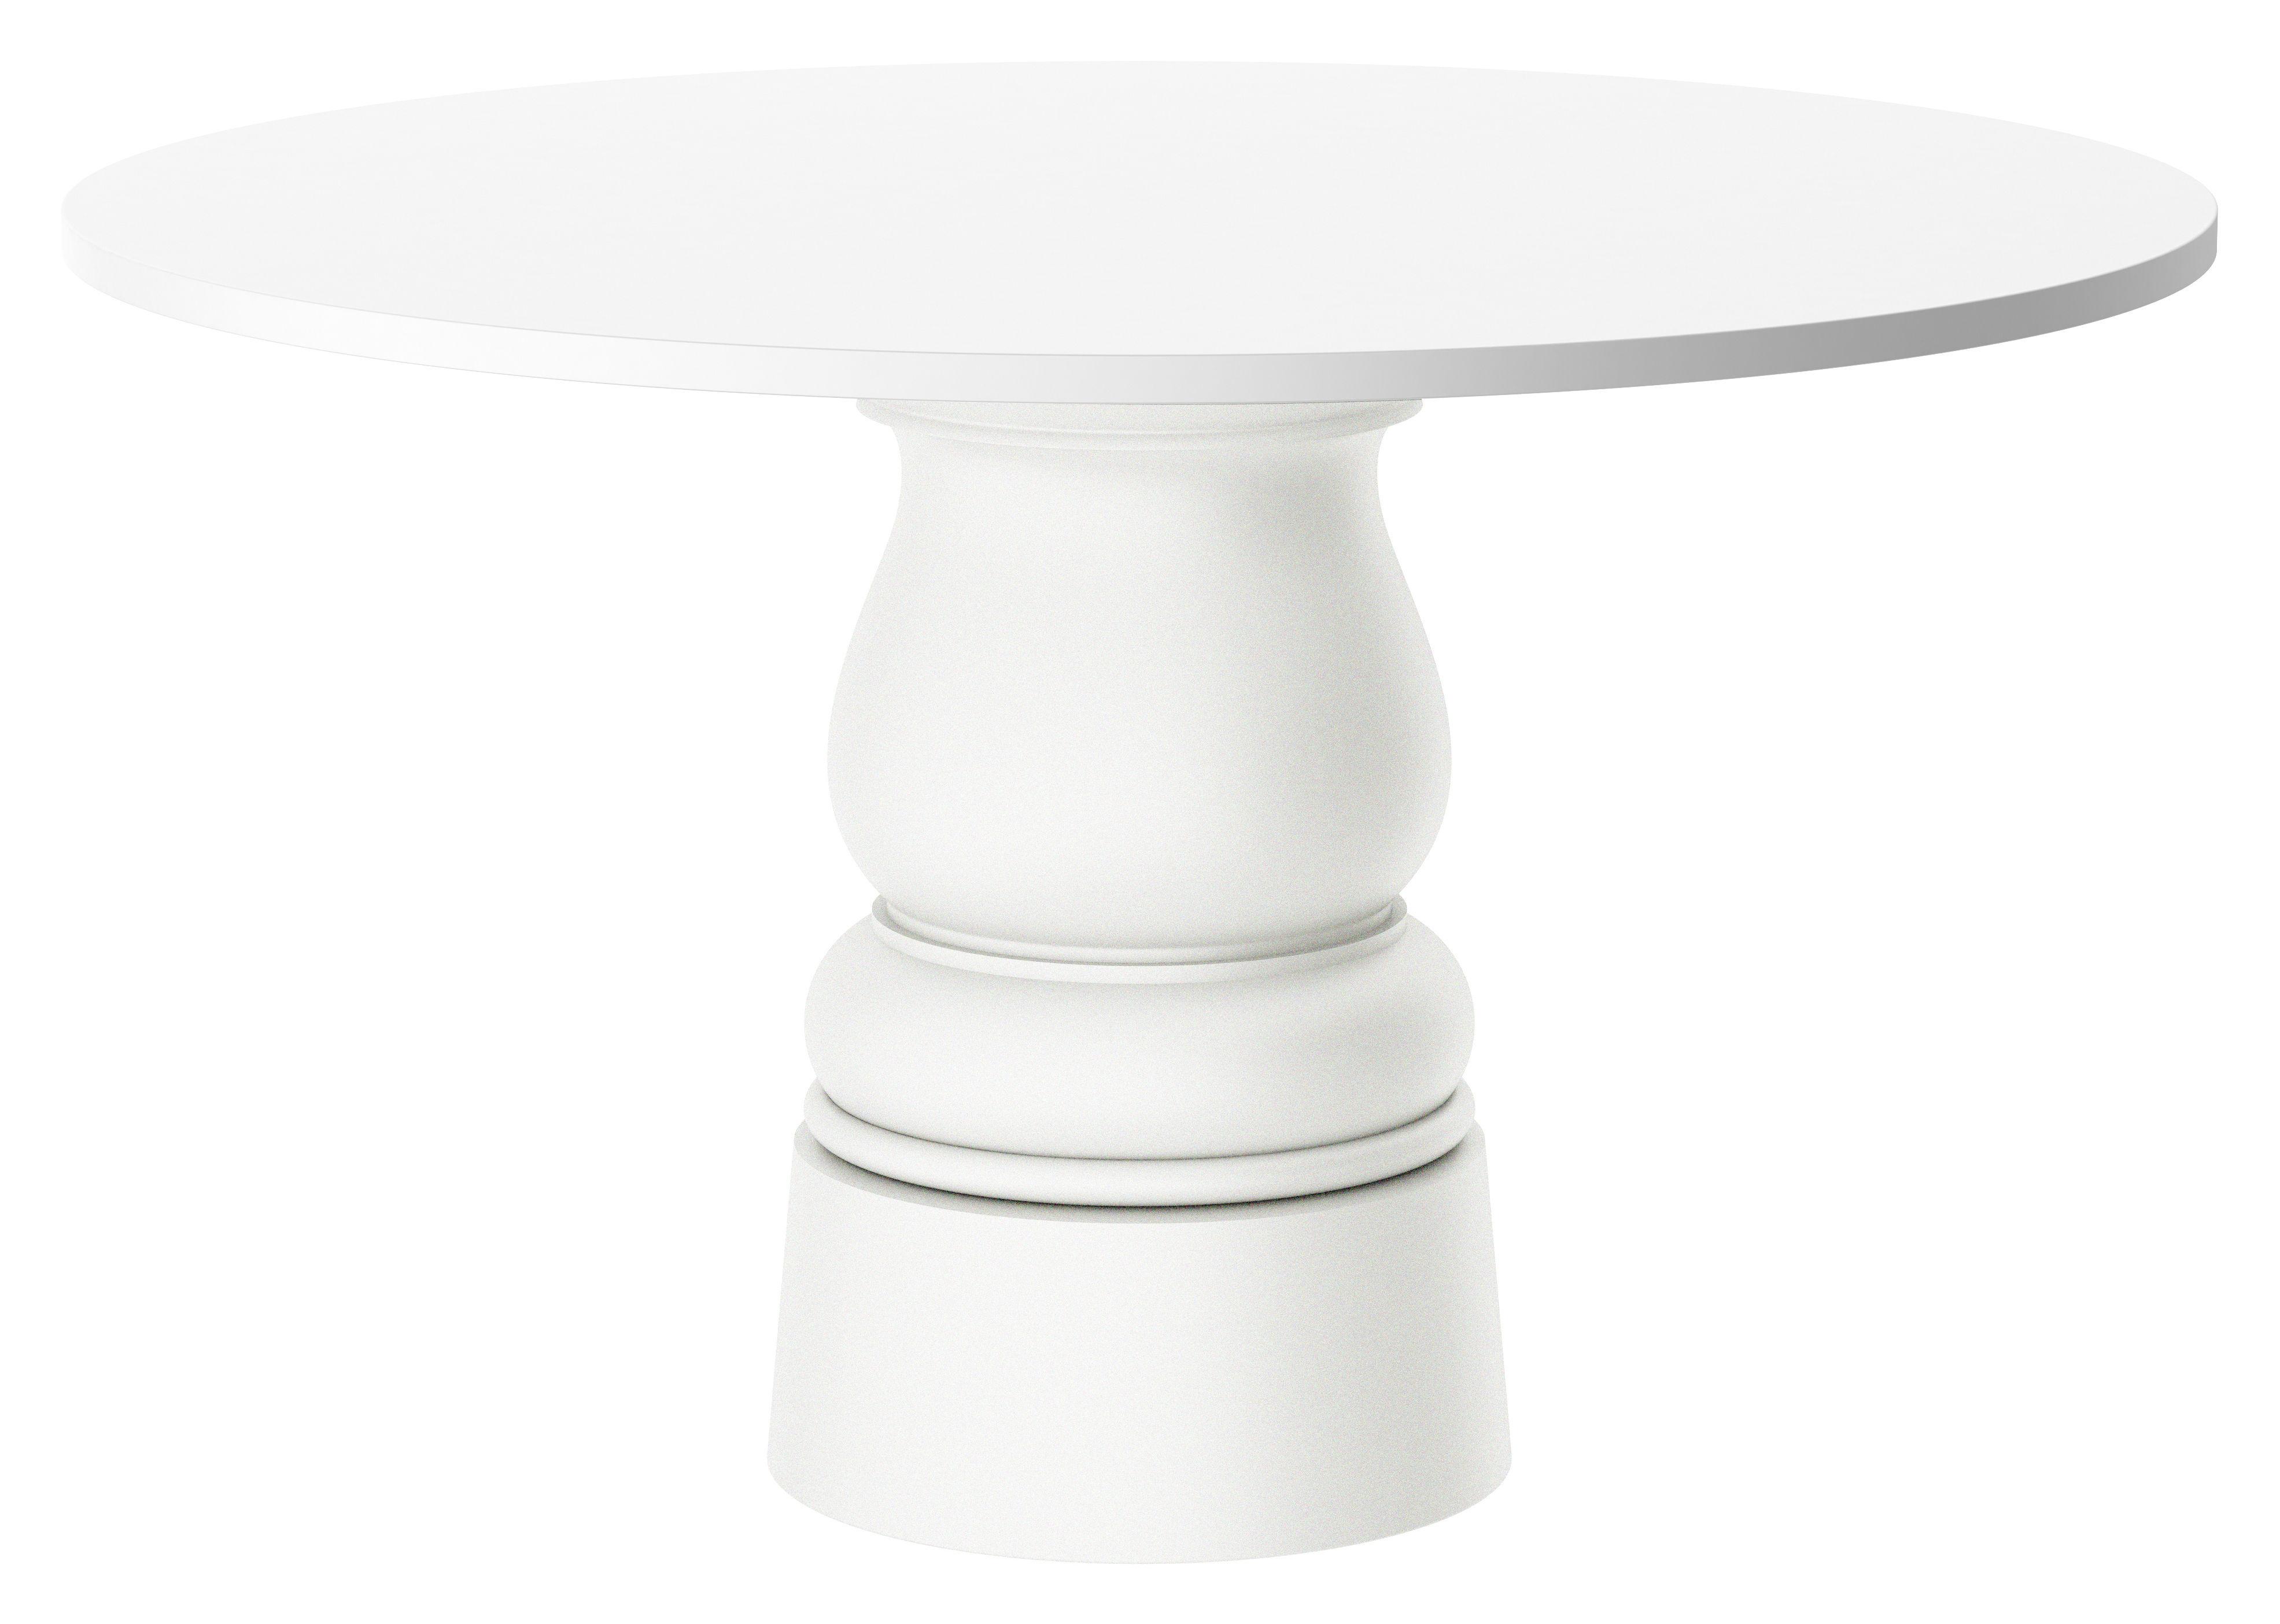 Outdoor - Tavoli  - Accessorio tavolo / Pied pour table Container New Antique - Ø 43 x H 71 cm - Per piano d'appoggio Ø 140 cm di Moooi - Gamba colore bianco - Ø 43 x H 71 cm - Acciaio inossidabile, Polietilene